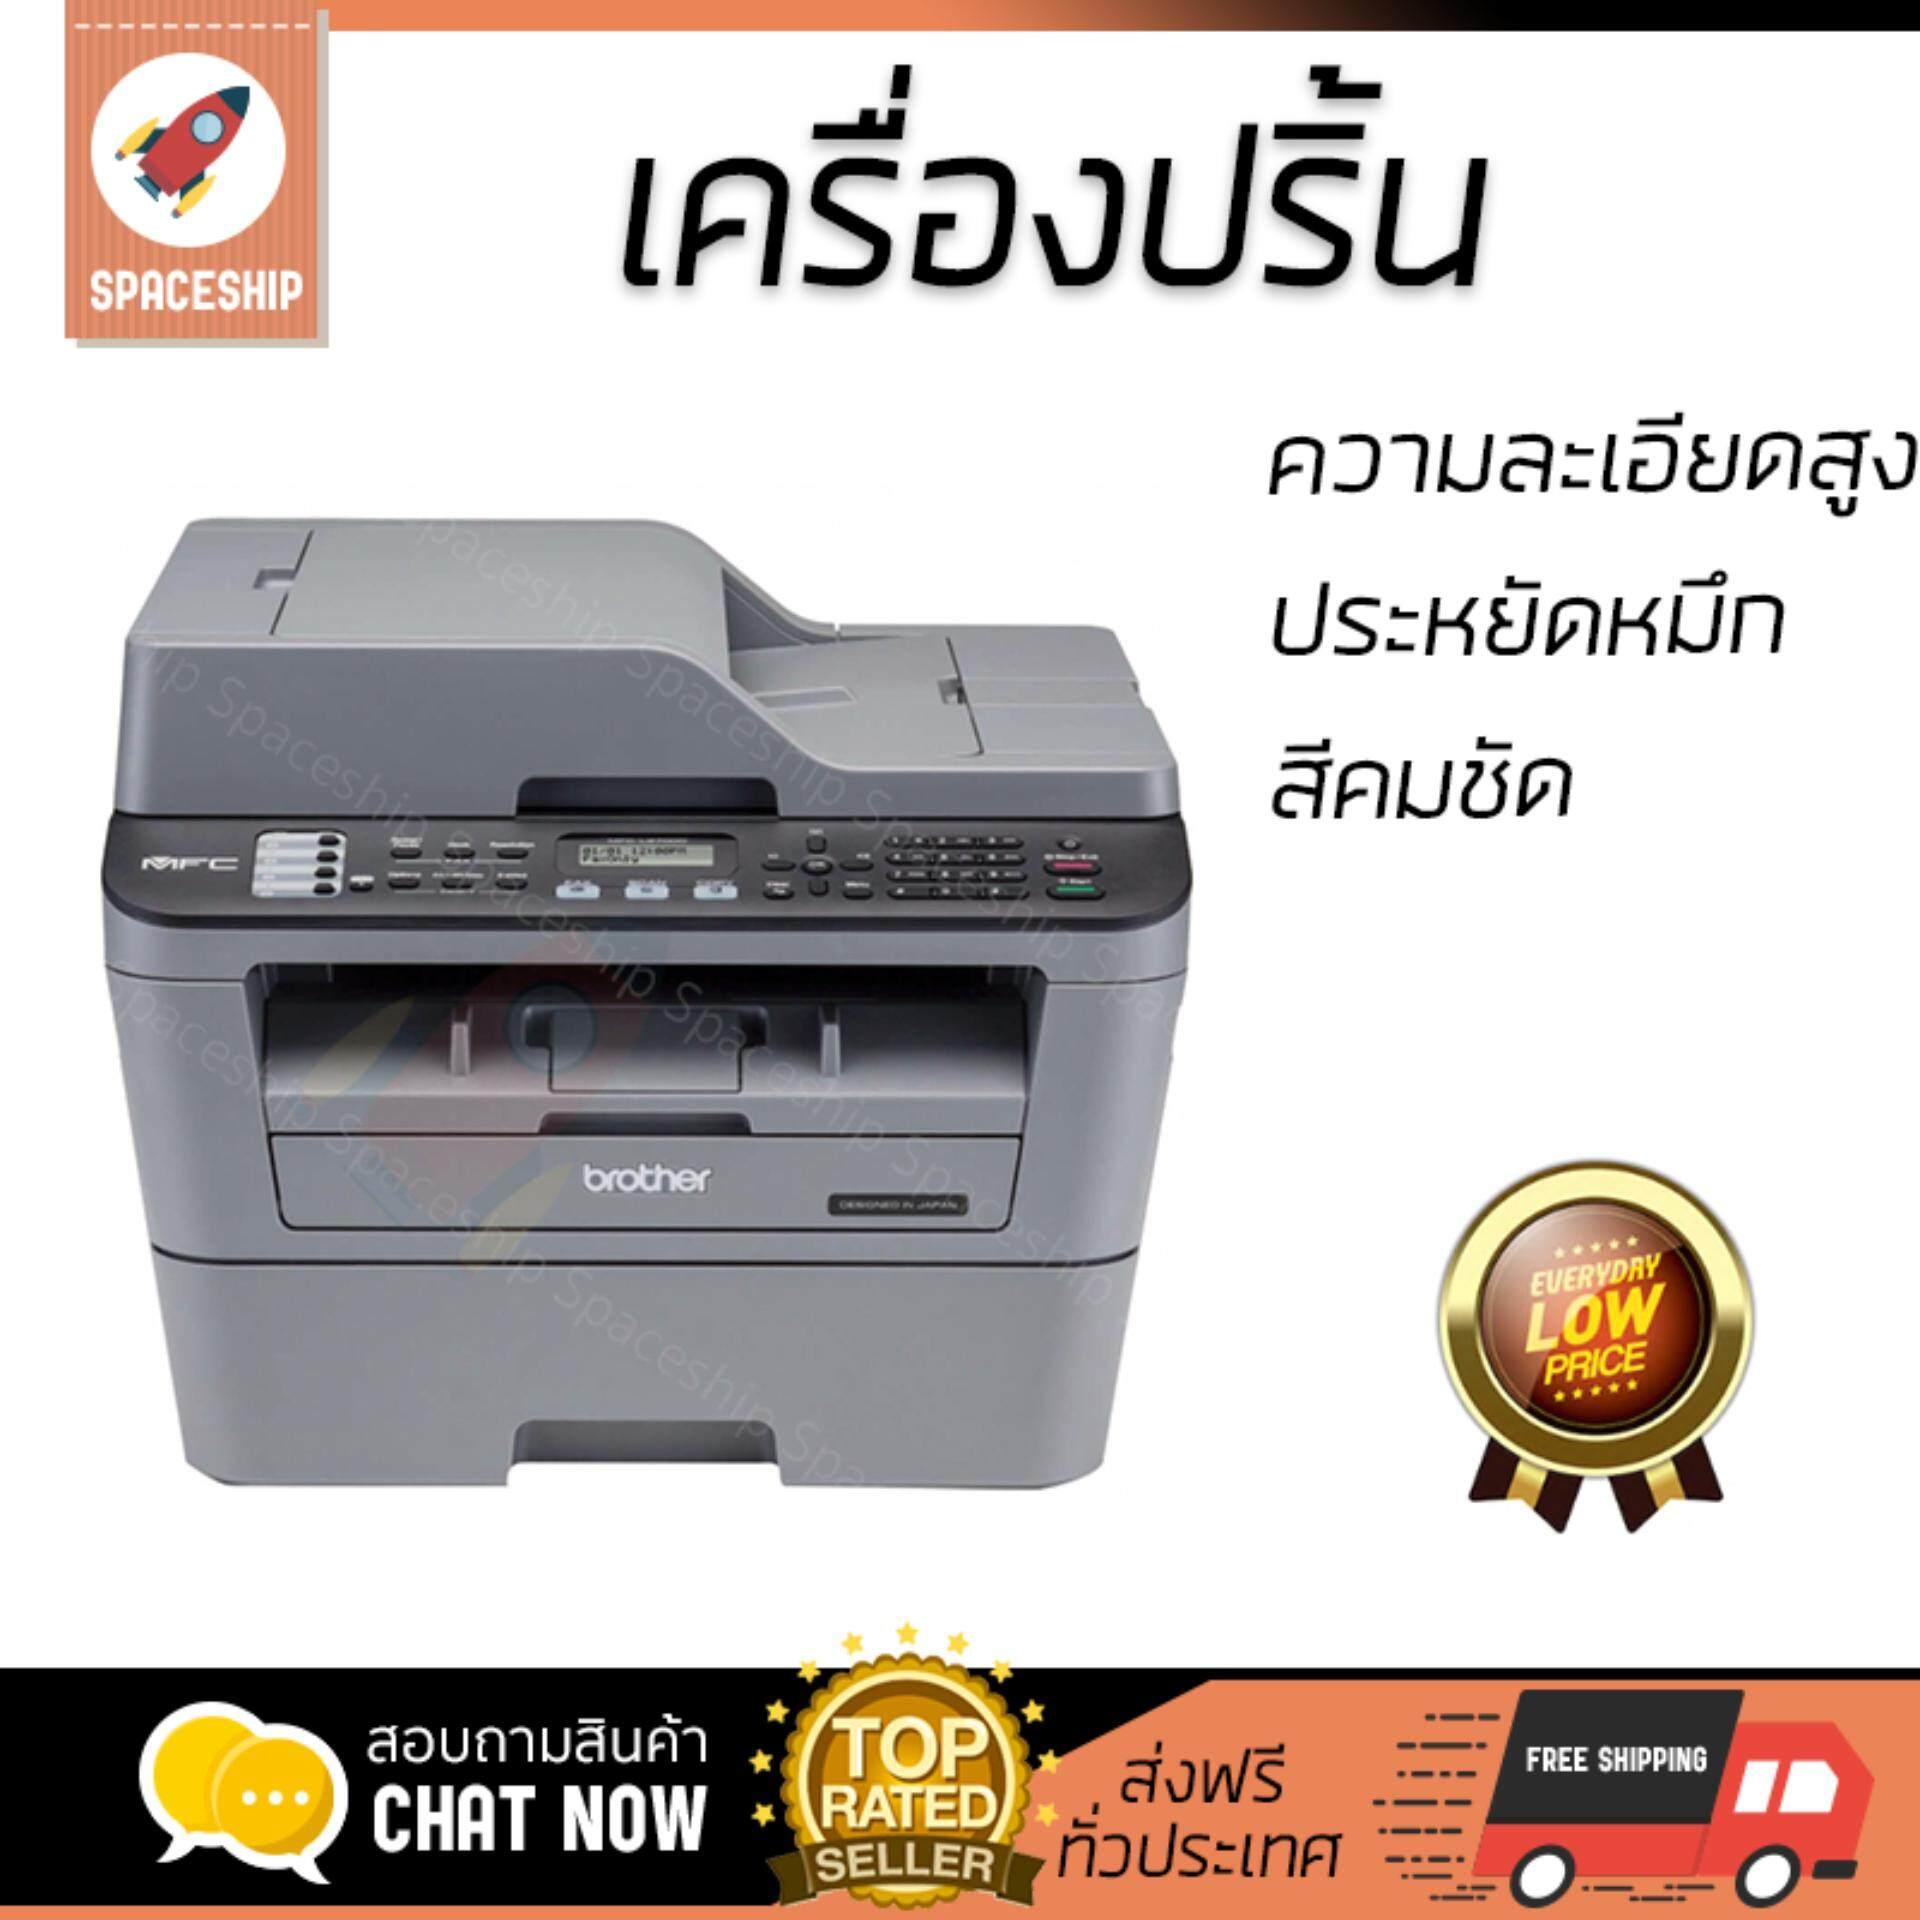 ลดสุดๆ โปรโมชัน เครื่องพิมพ์           BROTHER ปริ้นเตอร์มัลติฟังก์ชั่น รุ่น MFC-L2700D             ความละเอียดสูง คมชัด ประหยัดหมึก เครื่องปริ้น เครื่องปริ้นท์ All in one Printer รับประกันสินค้า 1 ปี